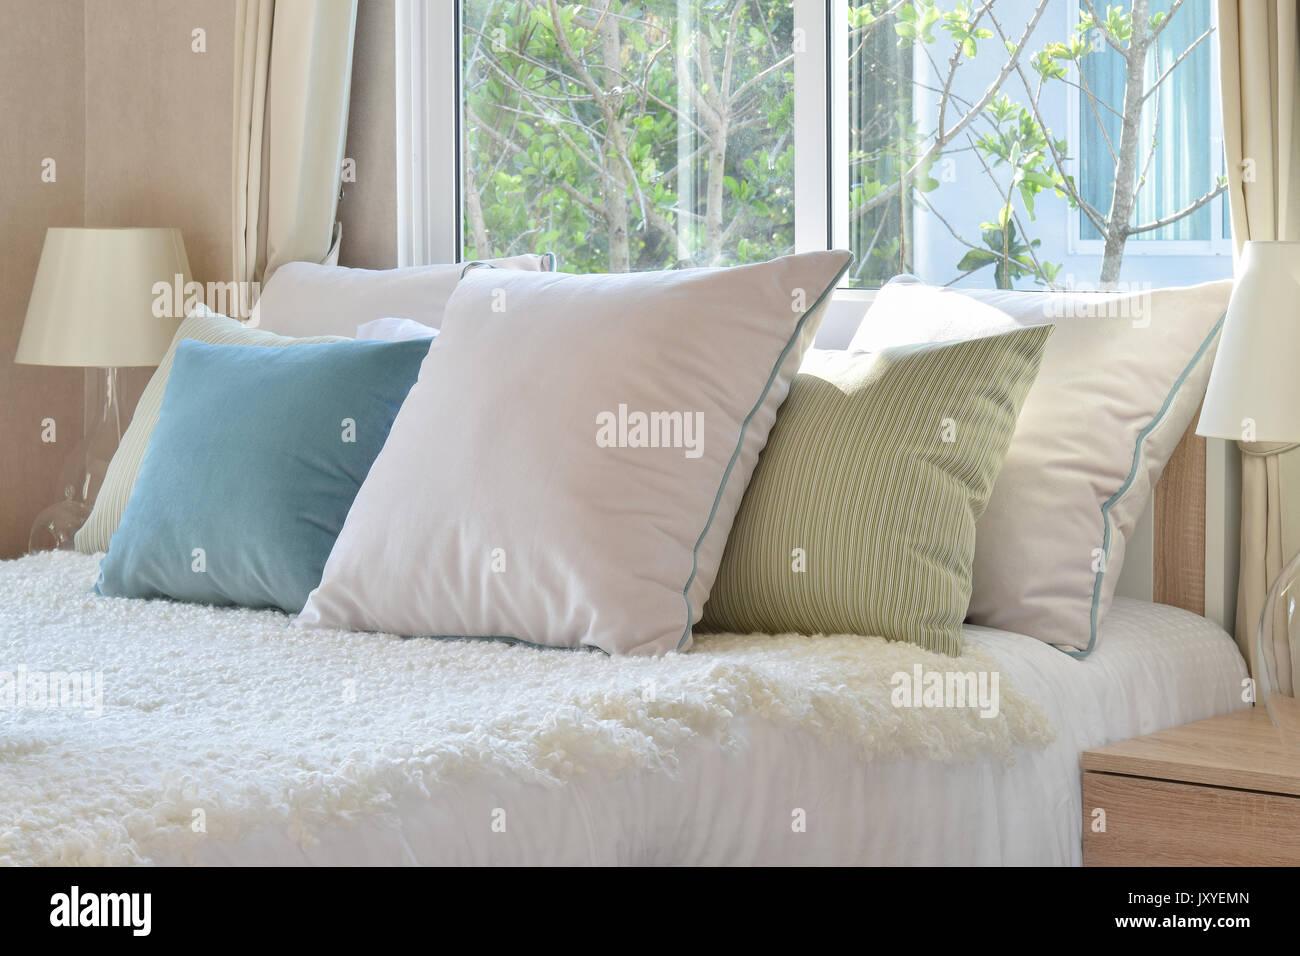 Elegante camera da letto interior design con colorati ...